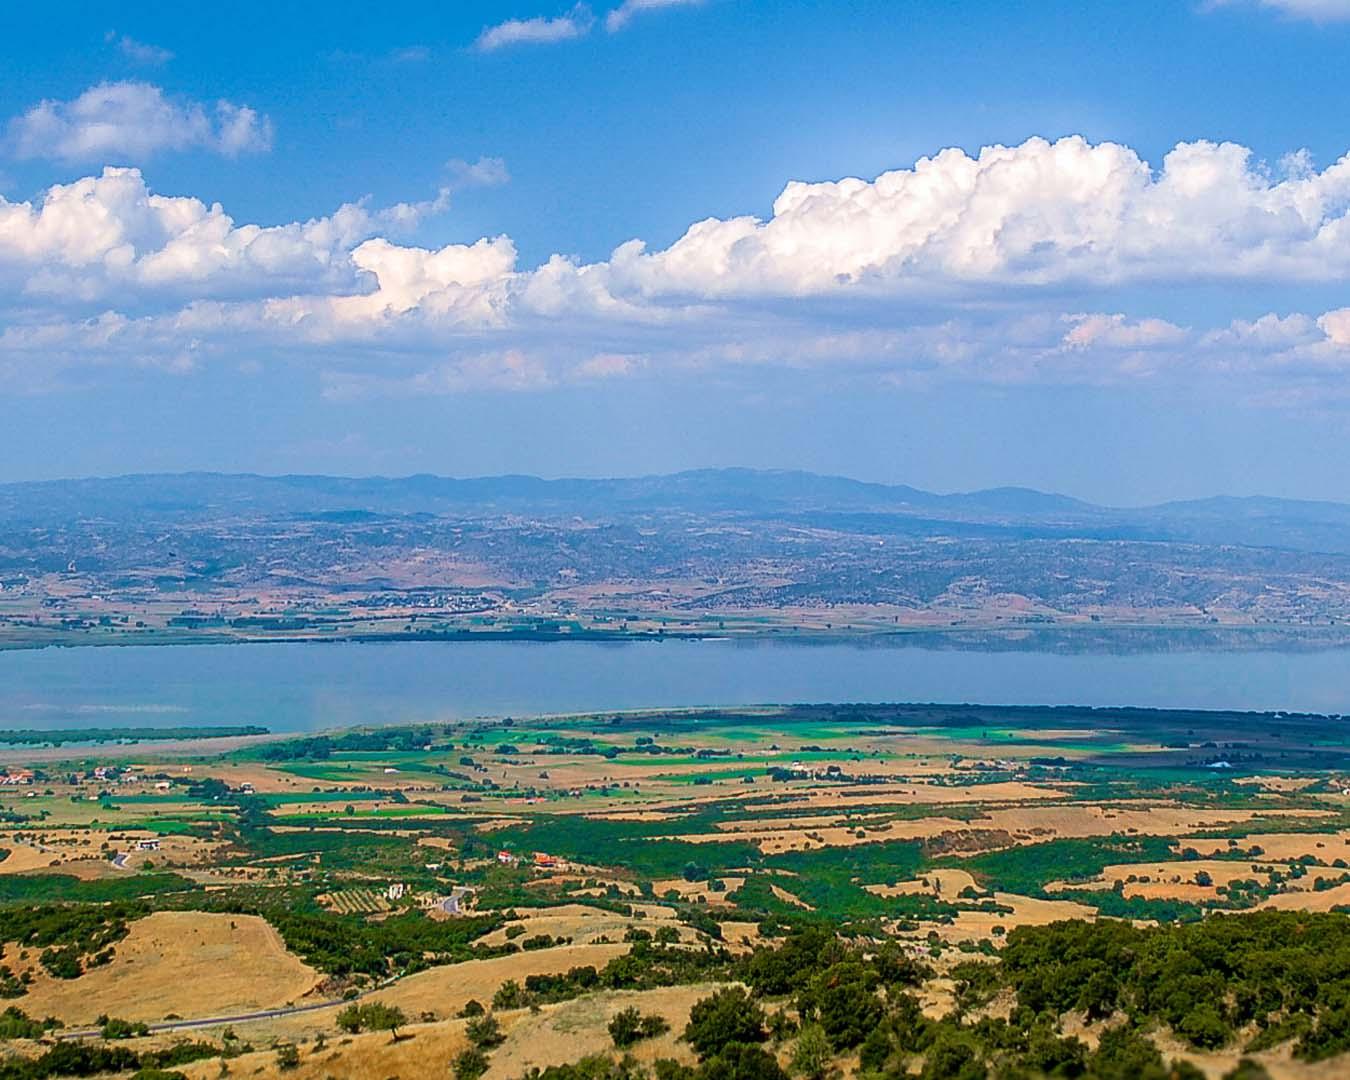 Λίμνη Κορώνεια